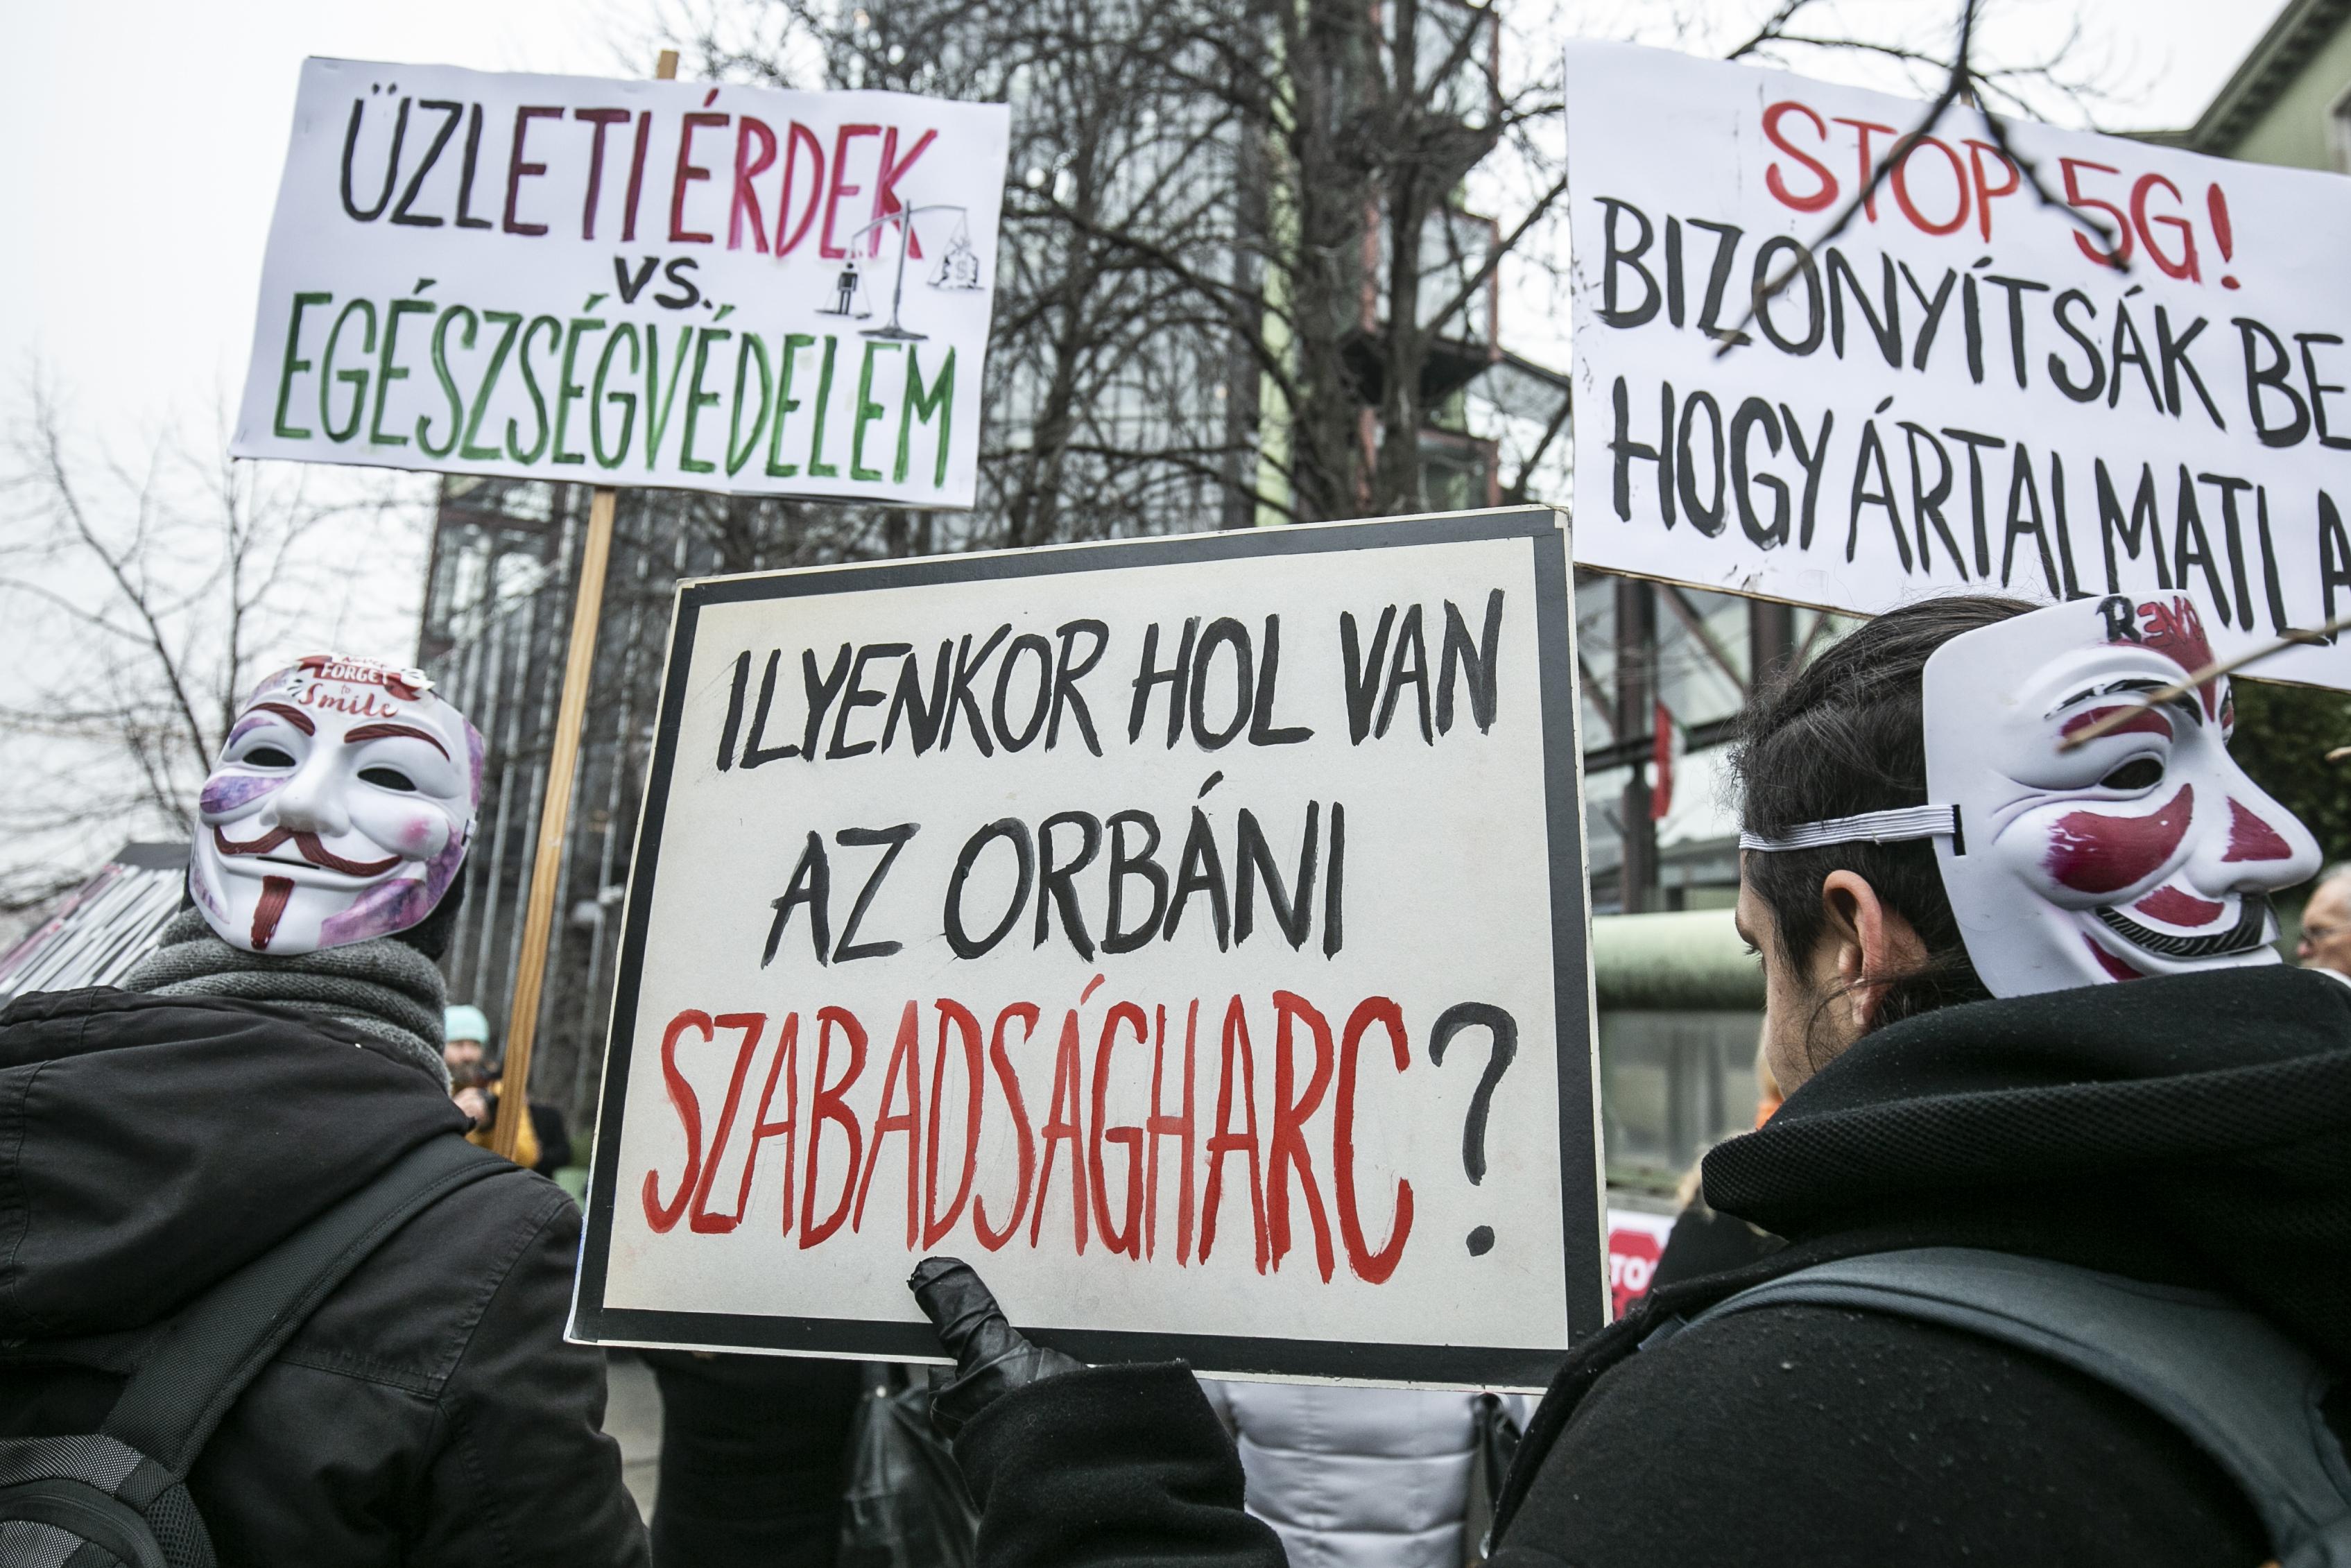 """""""Bizonyítsátok be, hogy ártalmatlan!"""" - Az 5G ellen tüntettek Budapesten"""